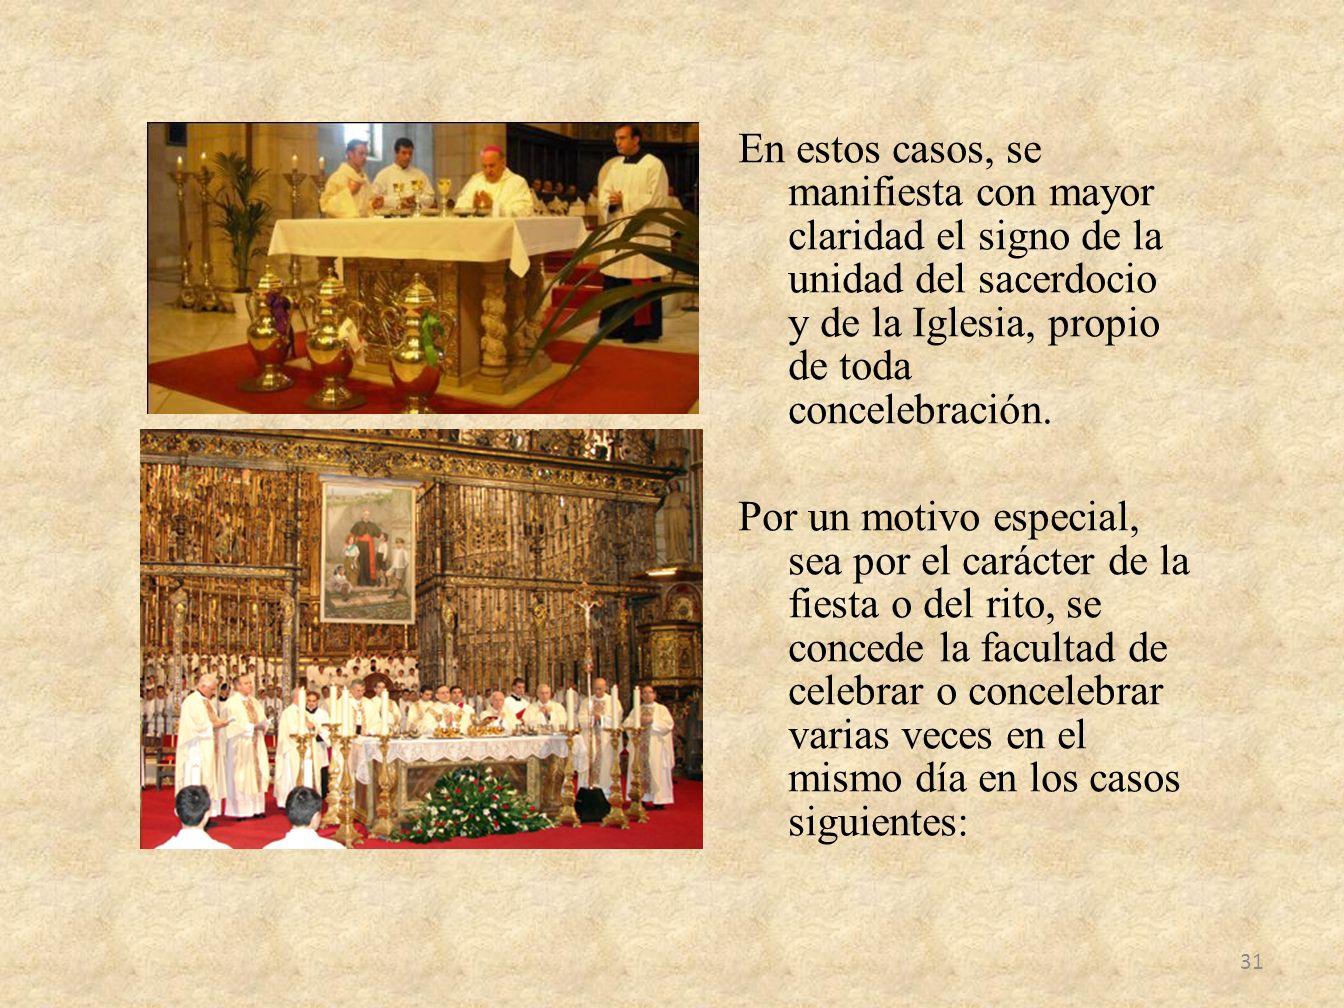 En estos casos, se manifiesta con mayor claridad el signo de la unidad del sacerdocio y de la Iglesia, propio de toda concelebración.